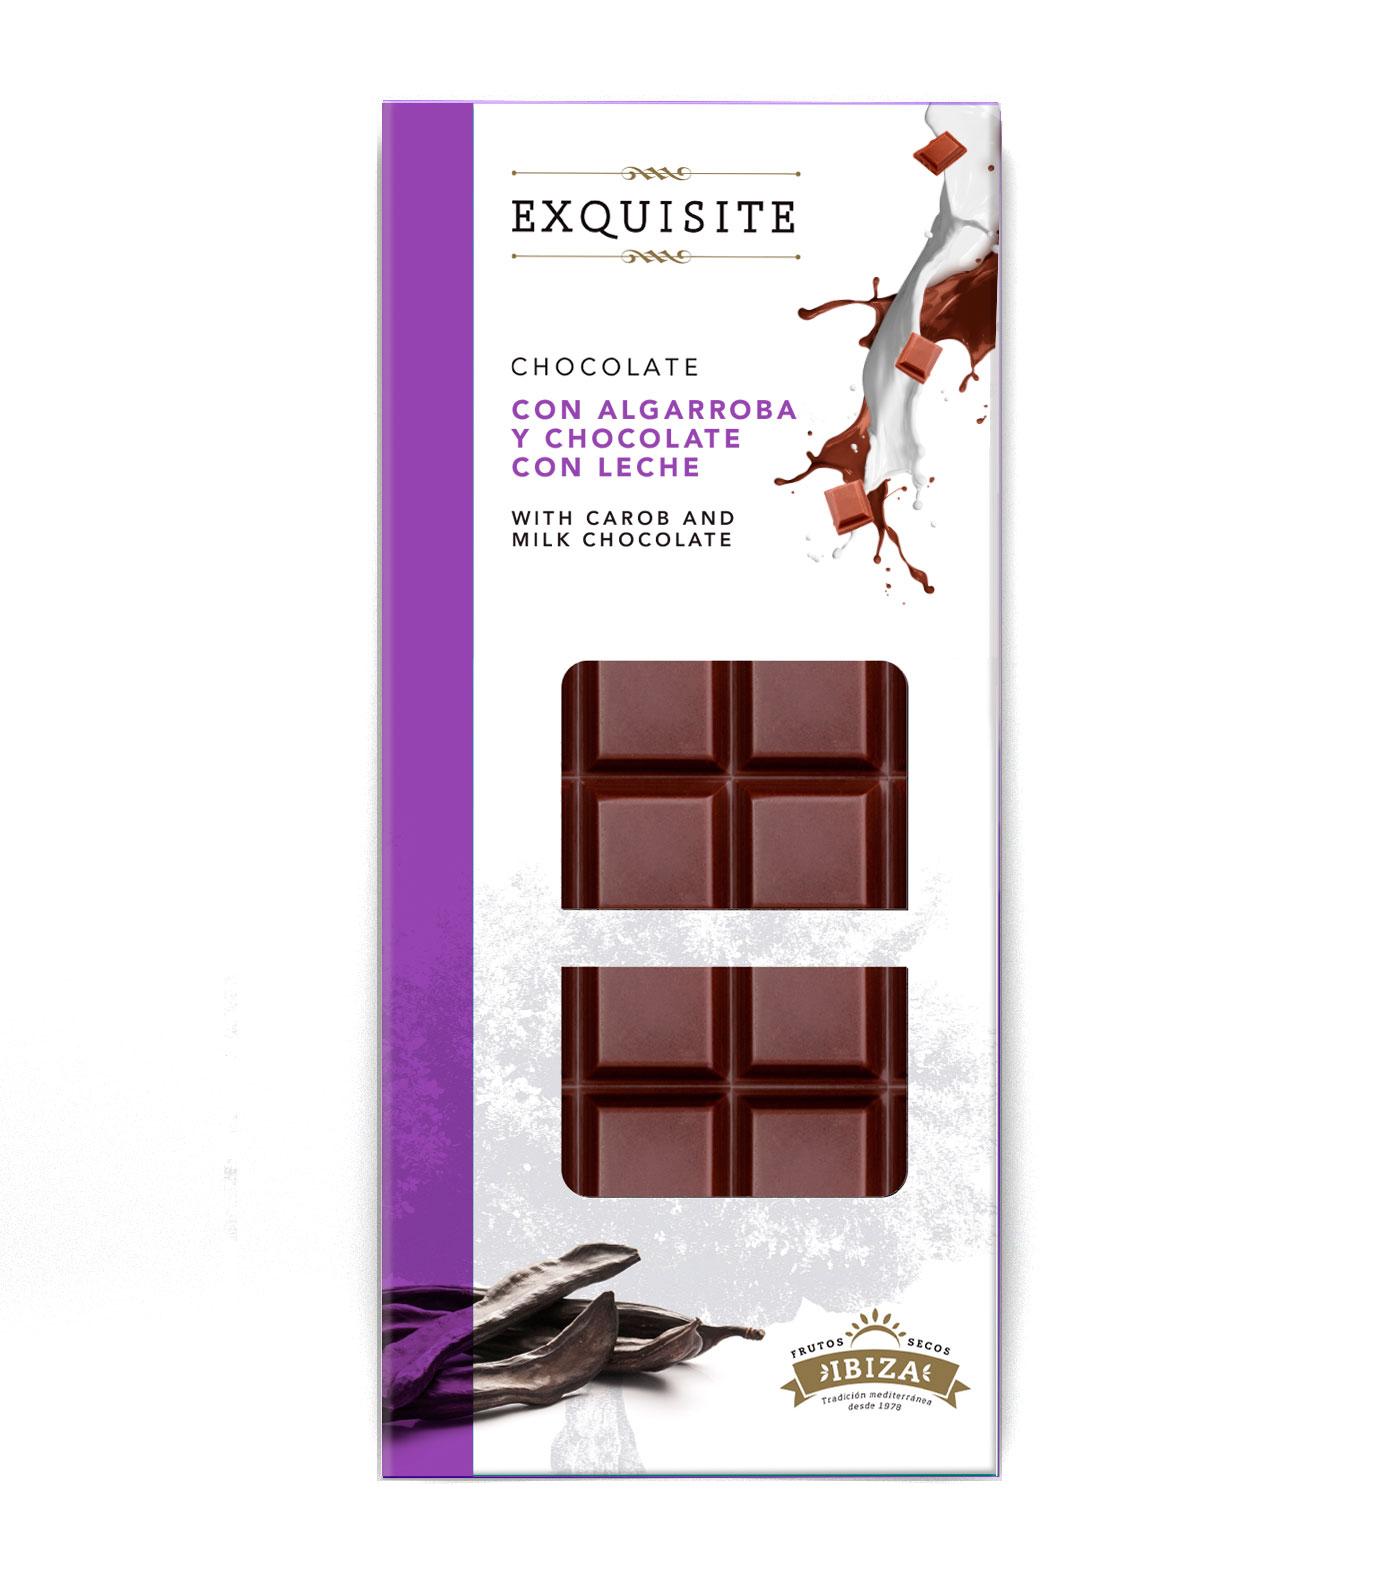 5 CHOCOLATE-CON-LECHE- Y-ALGARROBA-EXQUISITE_1